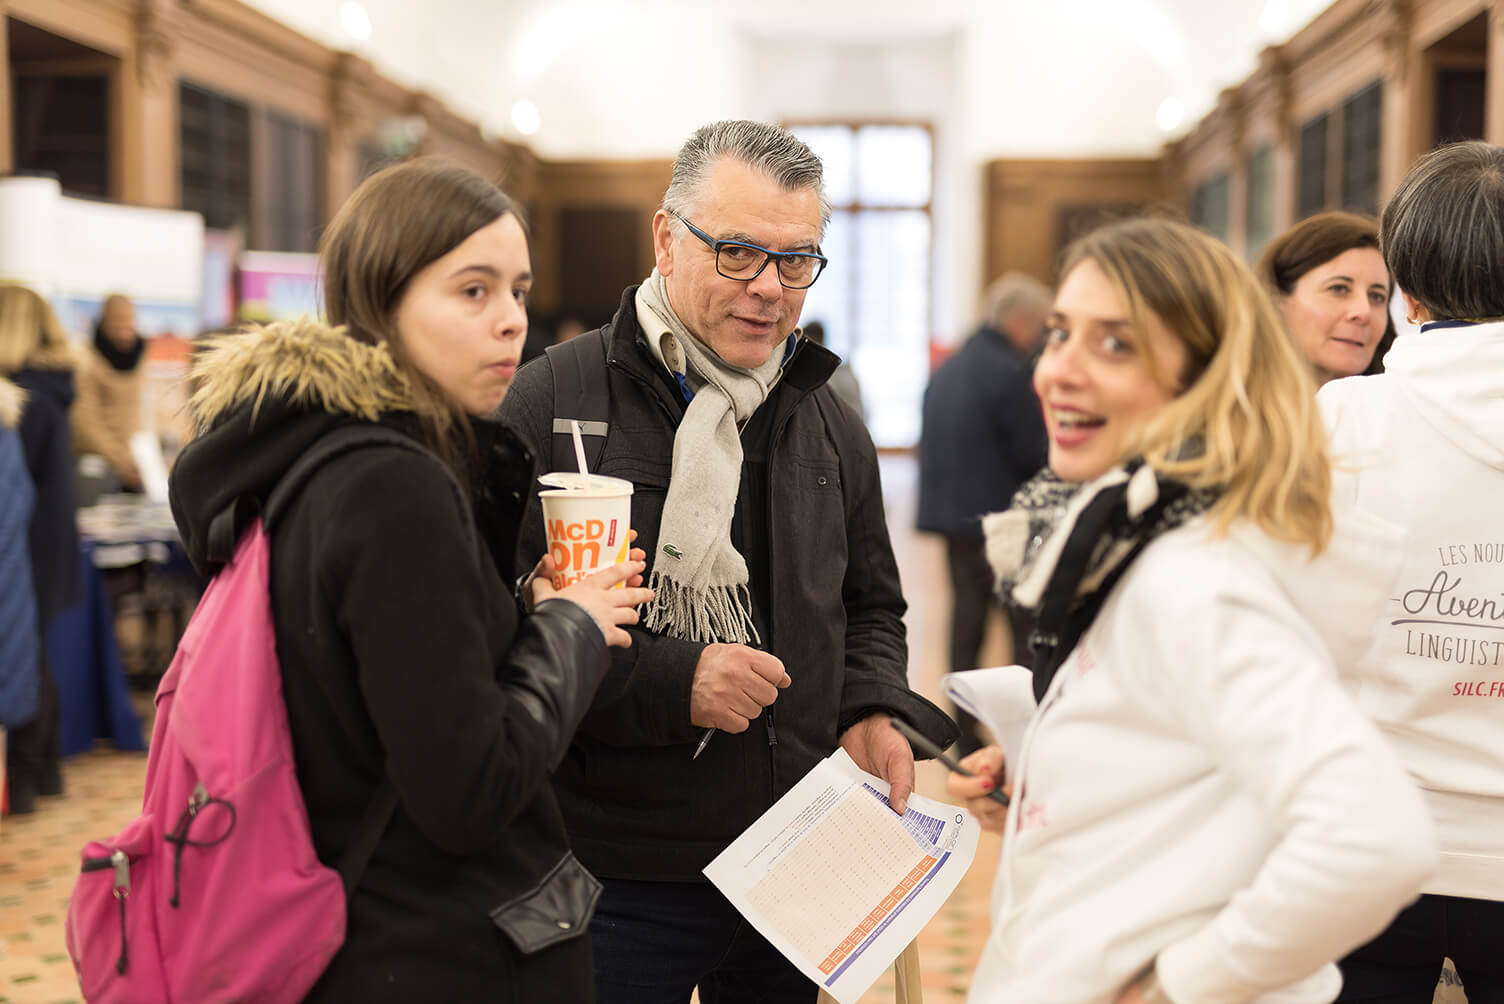 1550 visiteurs au salon des s jours linguistiques et des voyages scolaires du 17 mars 2018 l - Salon sejour linguistique ...